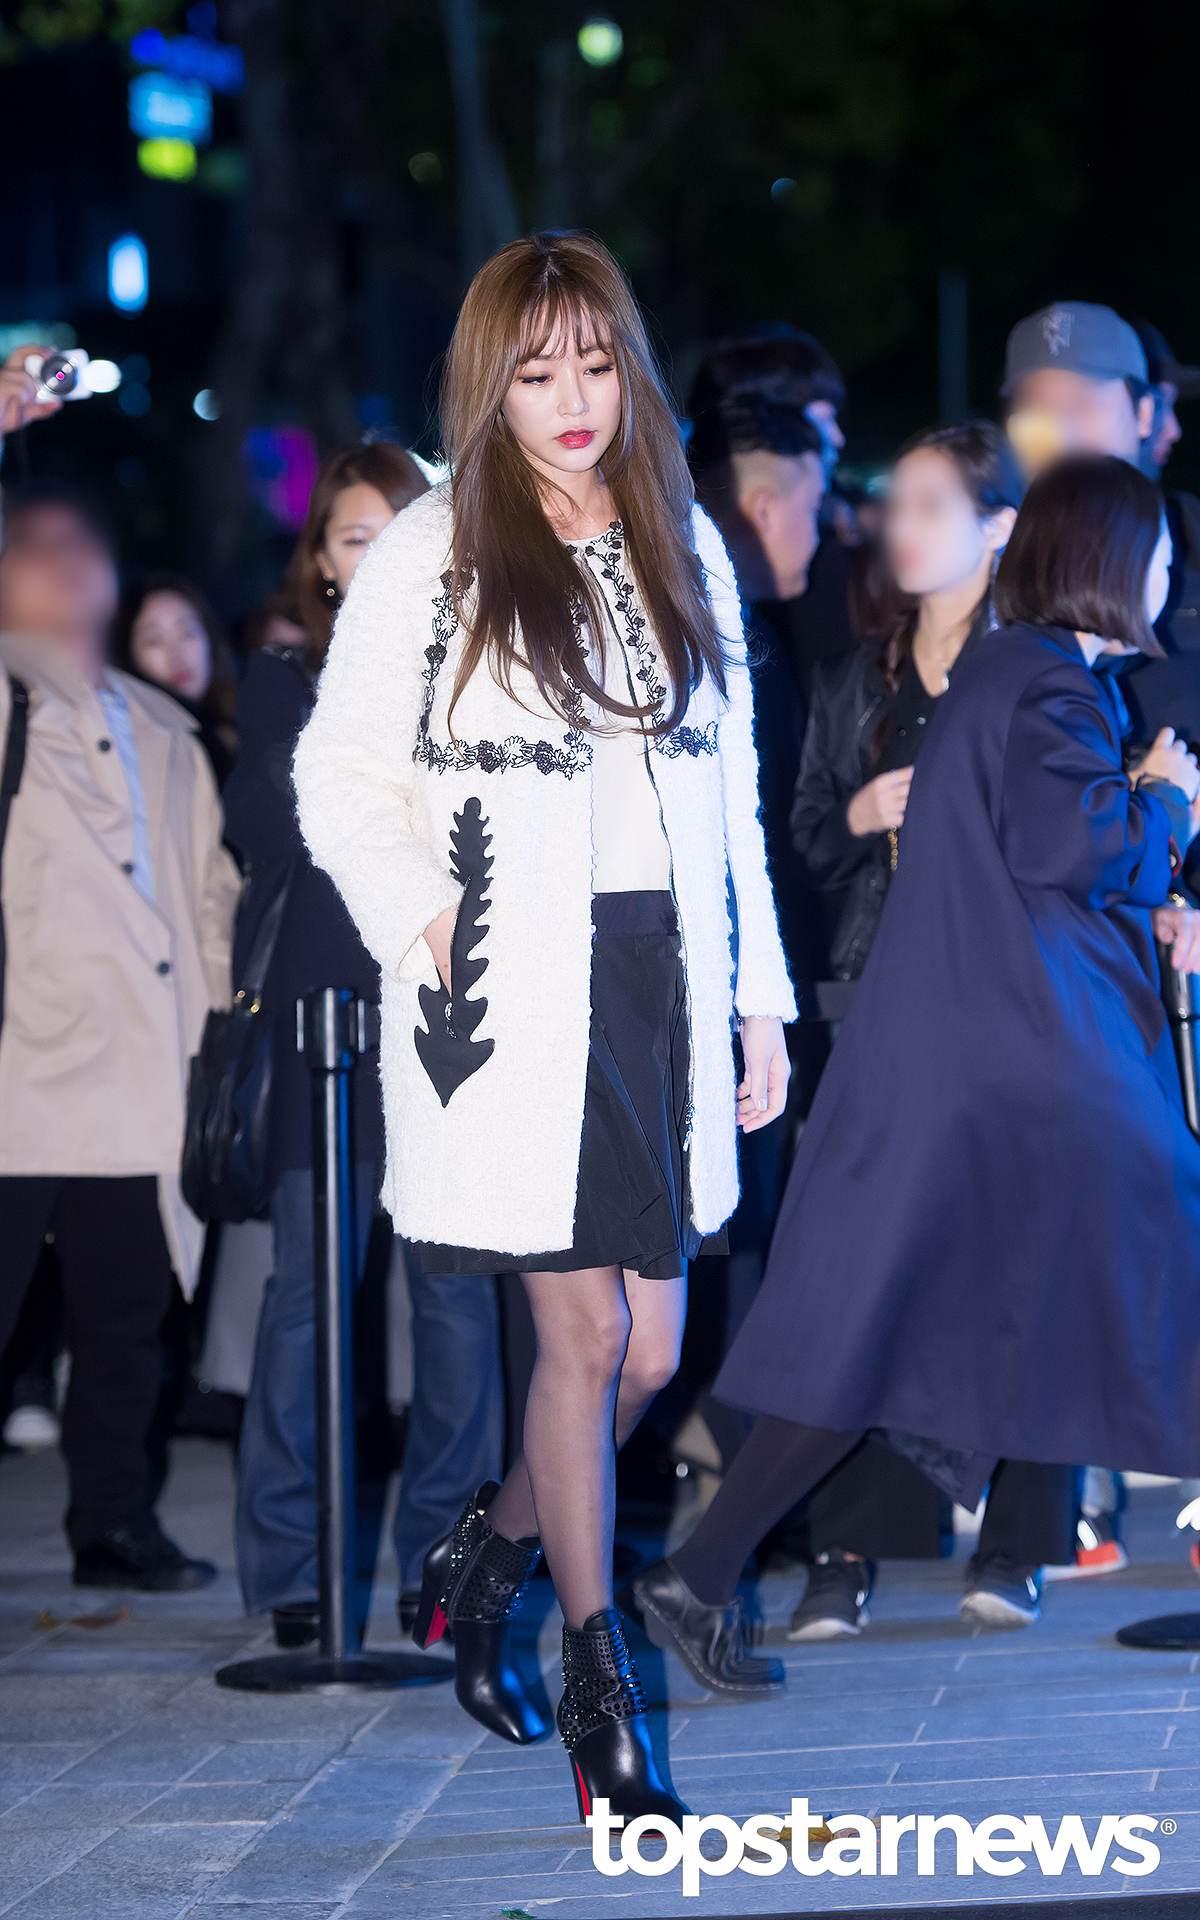 演員金孝珍這件的白色刺繡外套,搭配短裙和短靴,給平時就很有女人味的她增添了一種正式感!其實這樣的穿搭是非常適合職場女性的哦!